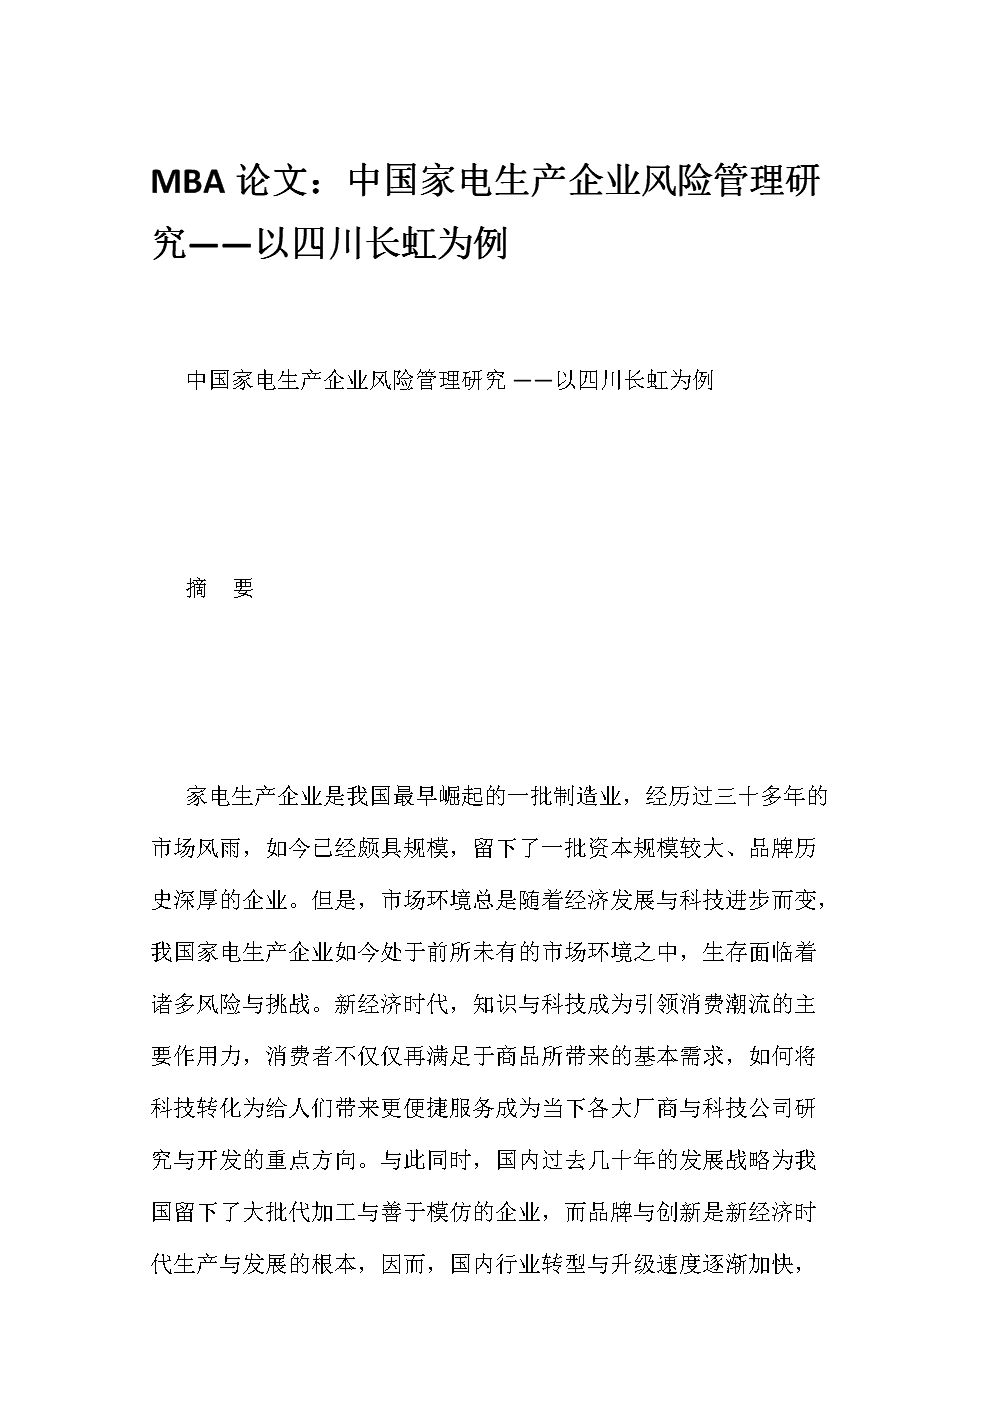 MBA论文:中国家电生产企业风险管理研究——以四川长虹为例.docx